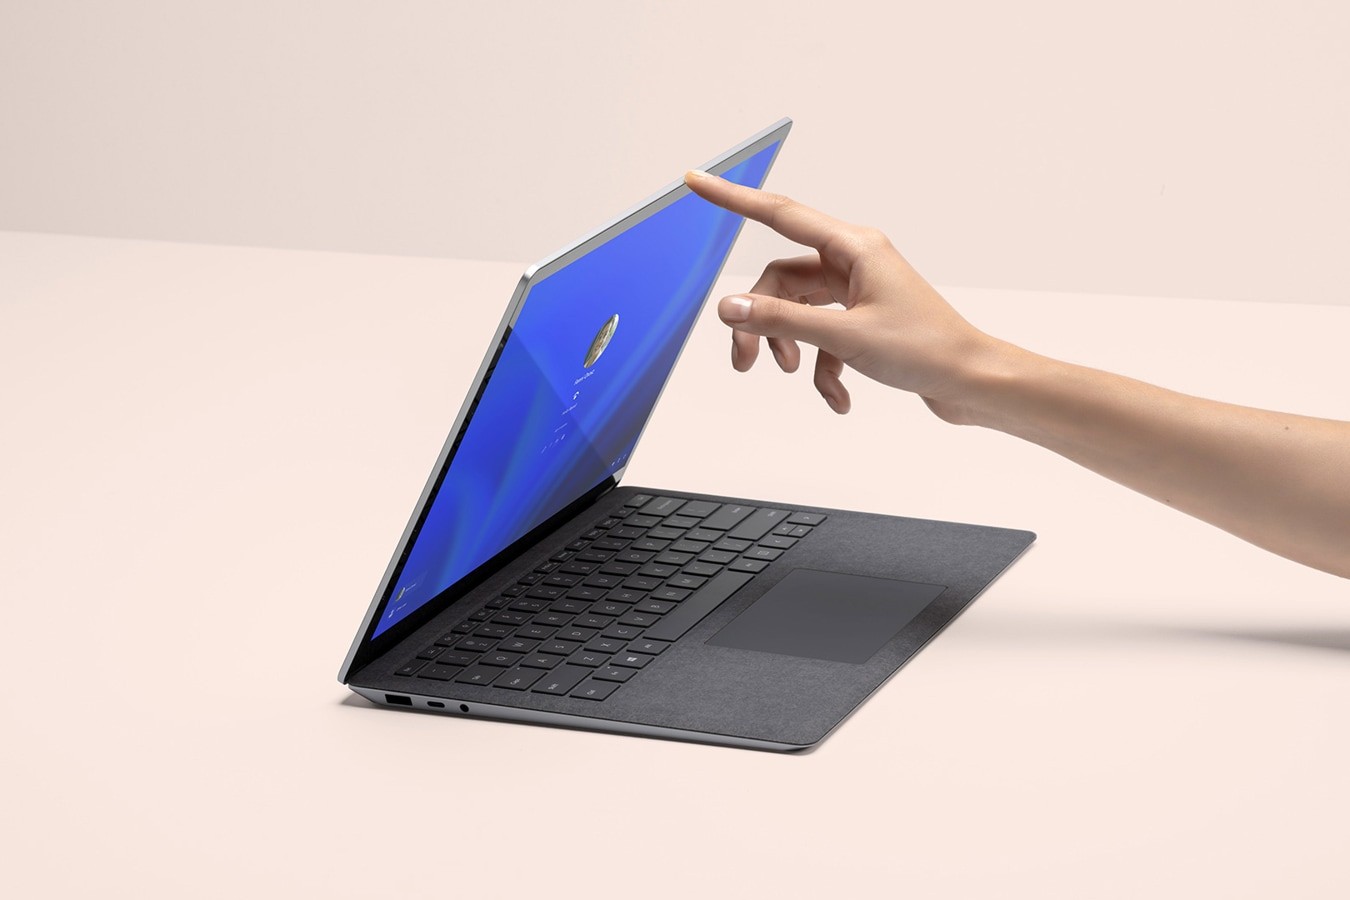 Eine Person hebt den Deckel eines Surface Laptop 4 an, auf dem der Anmeldebildschirm angezeigt wird